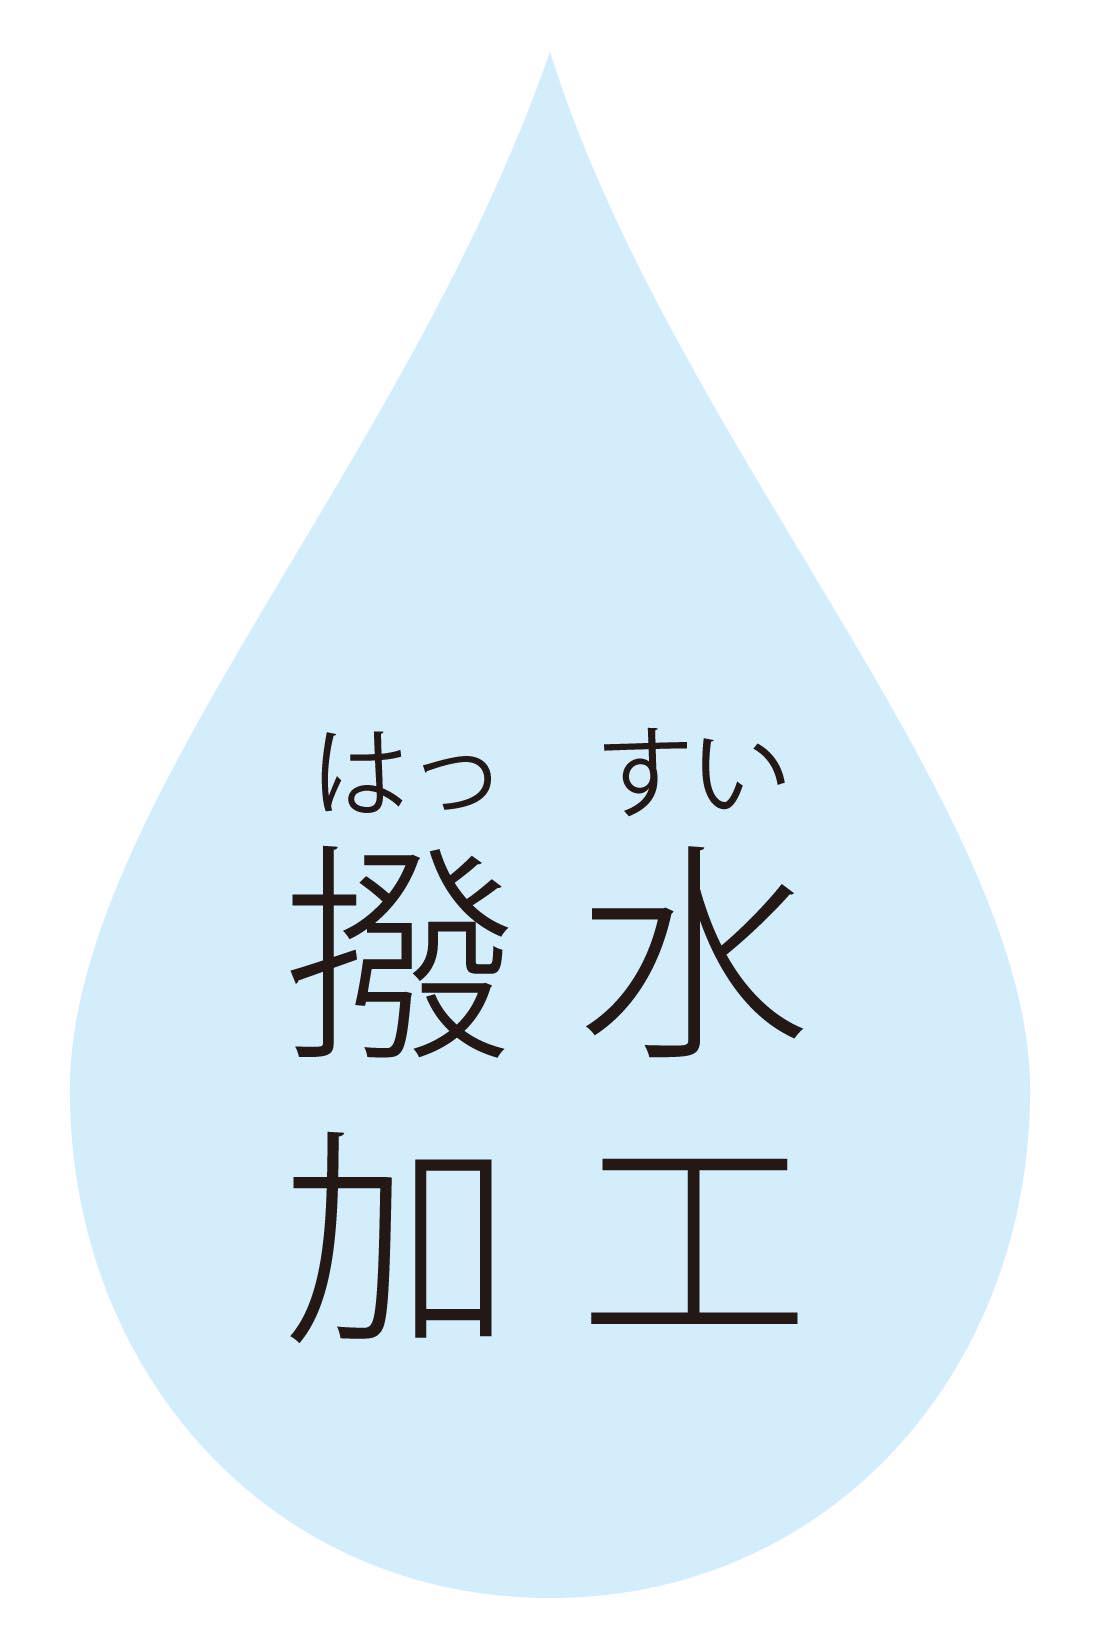 撥水加工をほどこしているから汚れが気になりにくい。